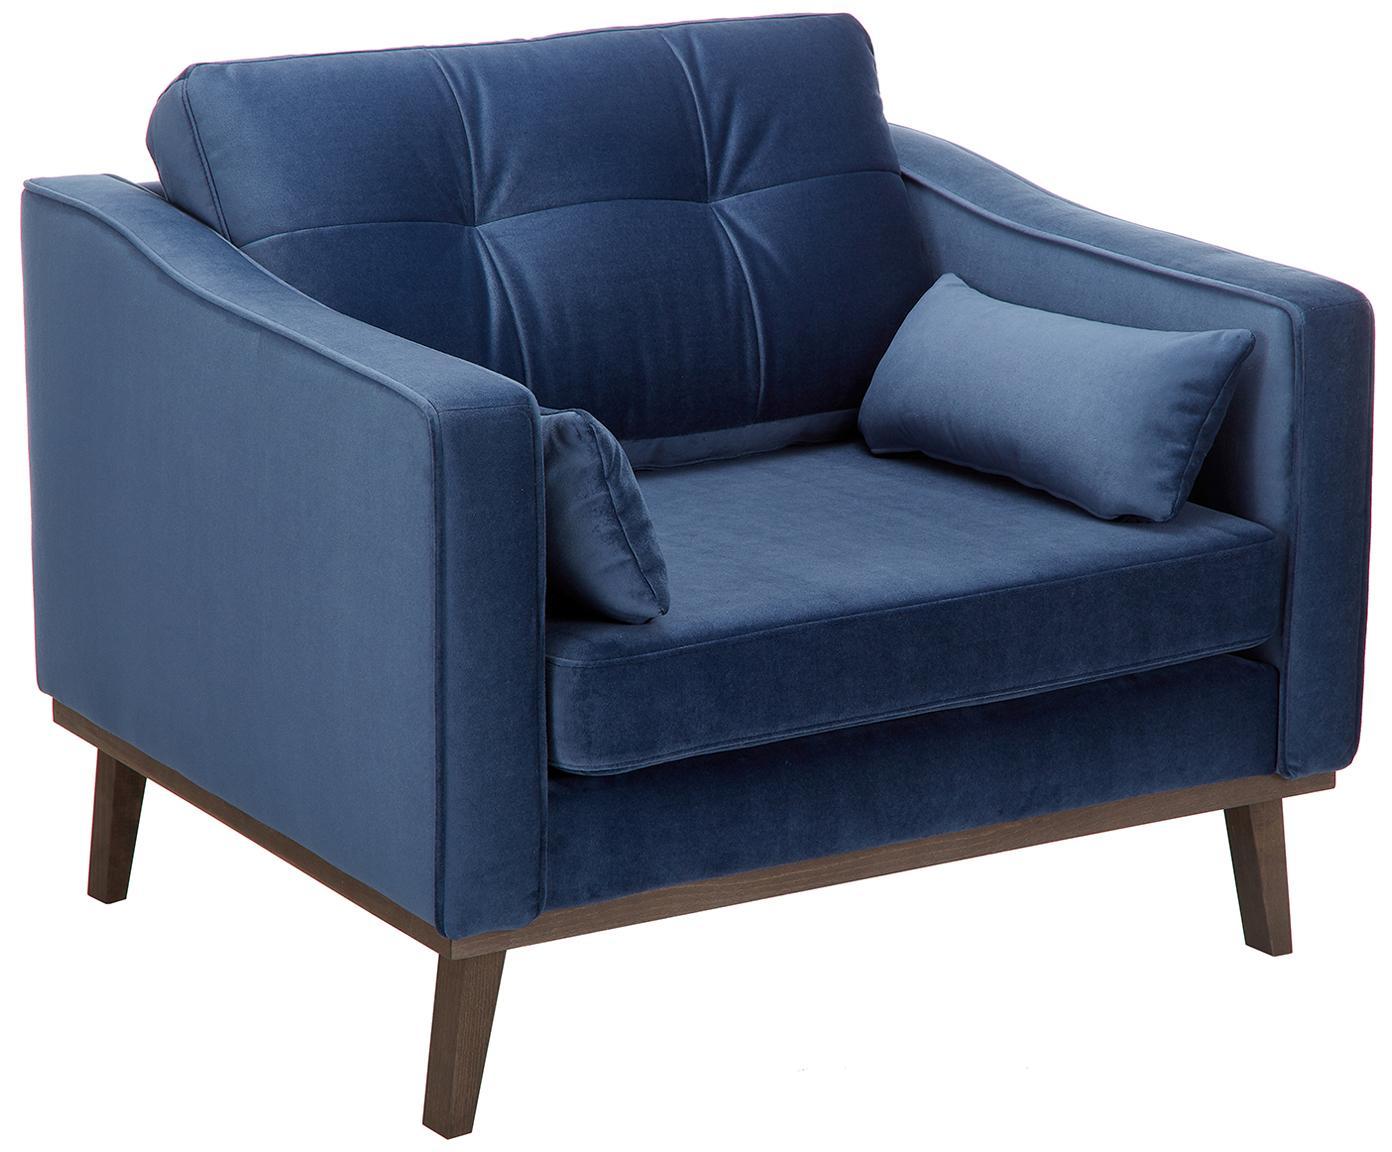 Fotel z aksamitu Alva, Tapicerka: aksamit (wysokiej jakości, Stelaż: drewno sosnowe, Nogi: lite drewno bukowe, barwi, Tapicerka: marynarski granat Nogi: drewno bukowe, bejcowane na ciemno, S 102 x G 94 cm